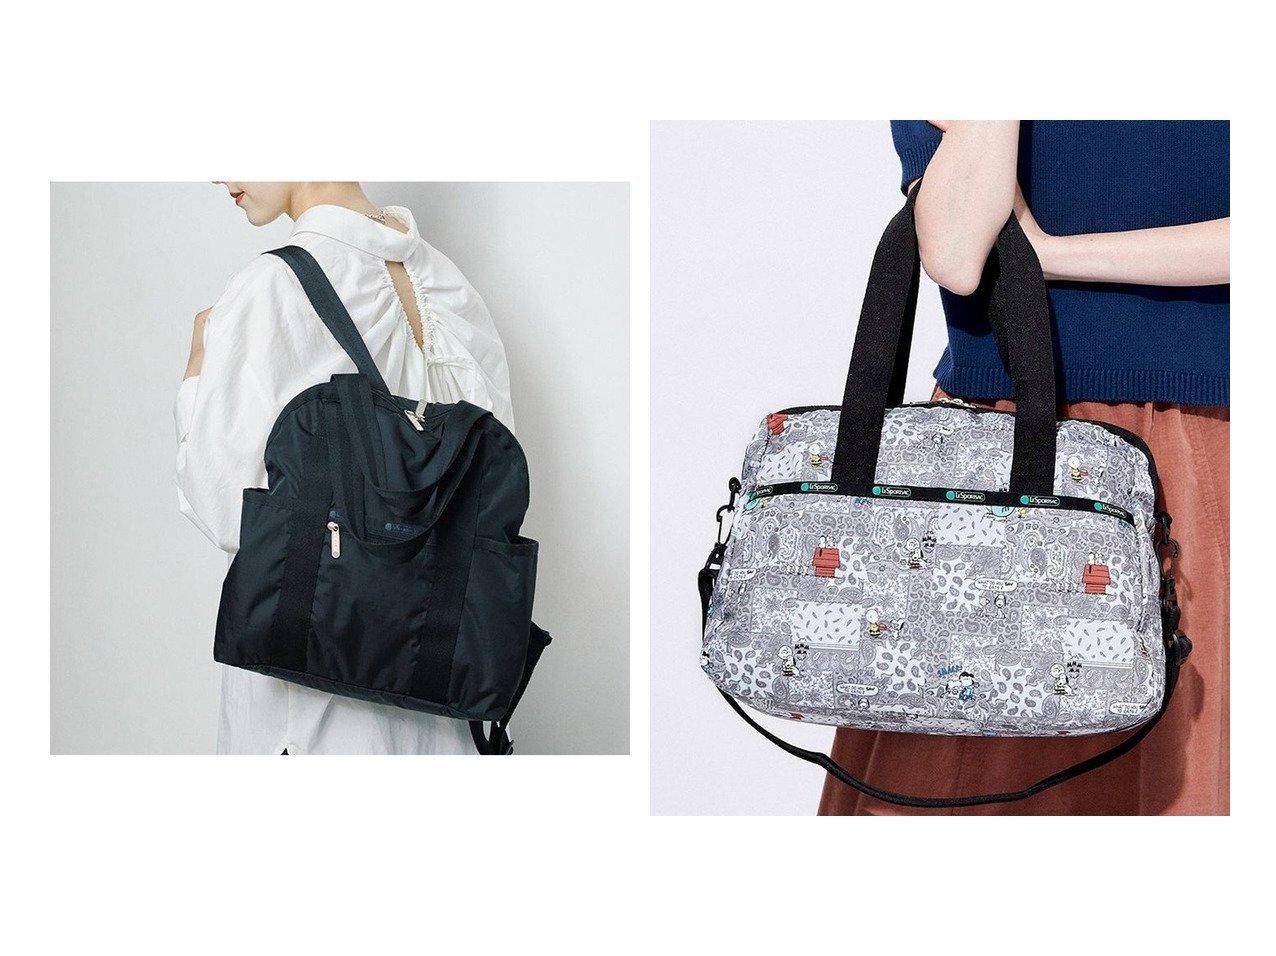 【LeSportsac/レスポートサック】のピーナッツバンダナパッチ&ブラック おすすめ!人気、トレンド・レディースファッションの通販 おすすめで人気の流行・トレンド、ファッションの通販商品 インテリア・家具・メンズファッション・キッズファッション・レディースファッション・服の通販 founy(ファニー) https://founy.com/ ファッション Fashion レディースファッション WOMEN バッグ Bag ショルダー シンプル 人気 プリント ポケット メッシュ 無地 リュック 送料無料 Free Shipping おすすめ Recommend  ID:crp329100000062592